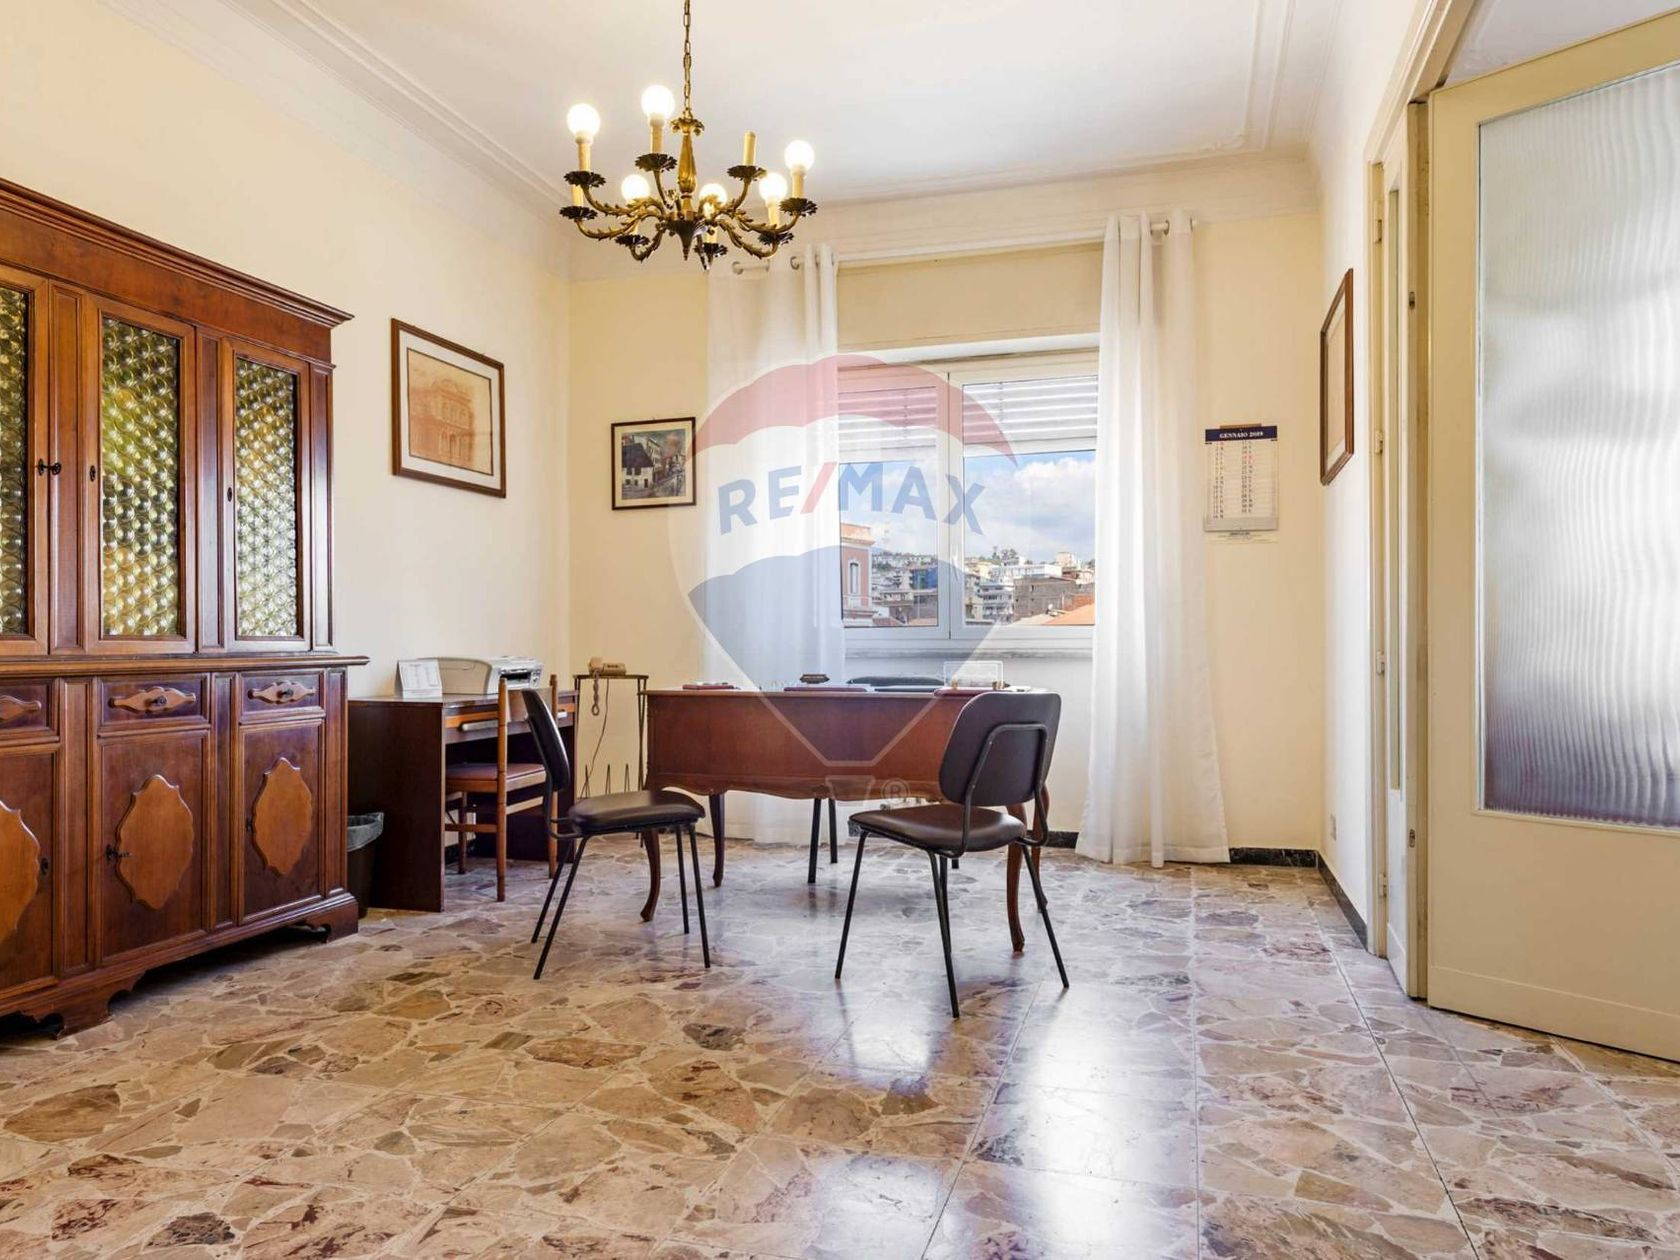 Appartamento Catania-borgo,sanzio,beccaria,lanza,cibali, Catania, CT Vendita - Foto 4